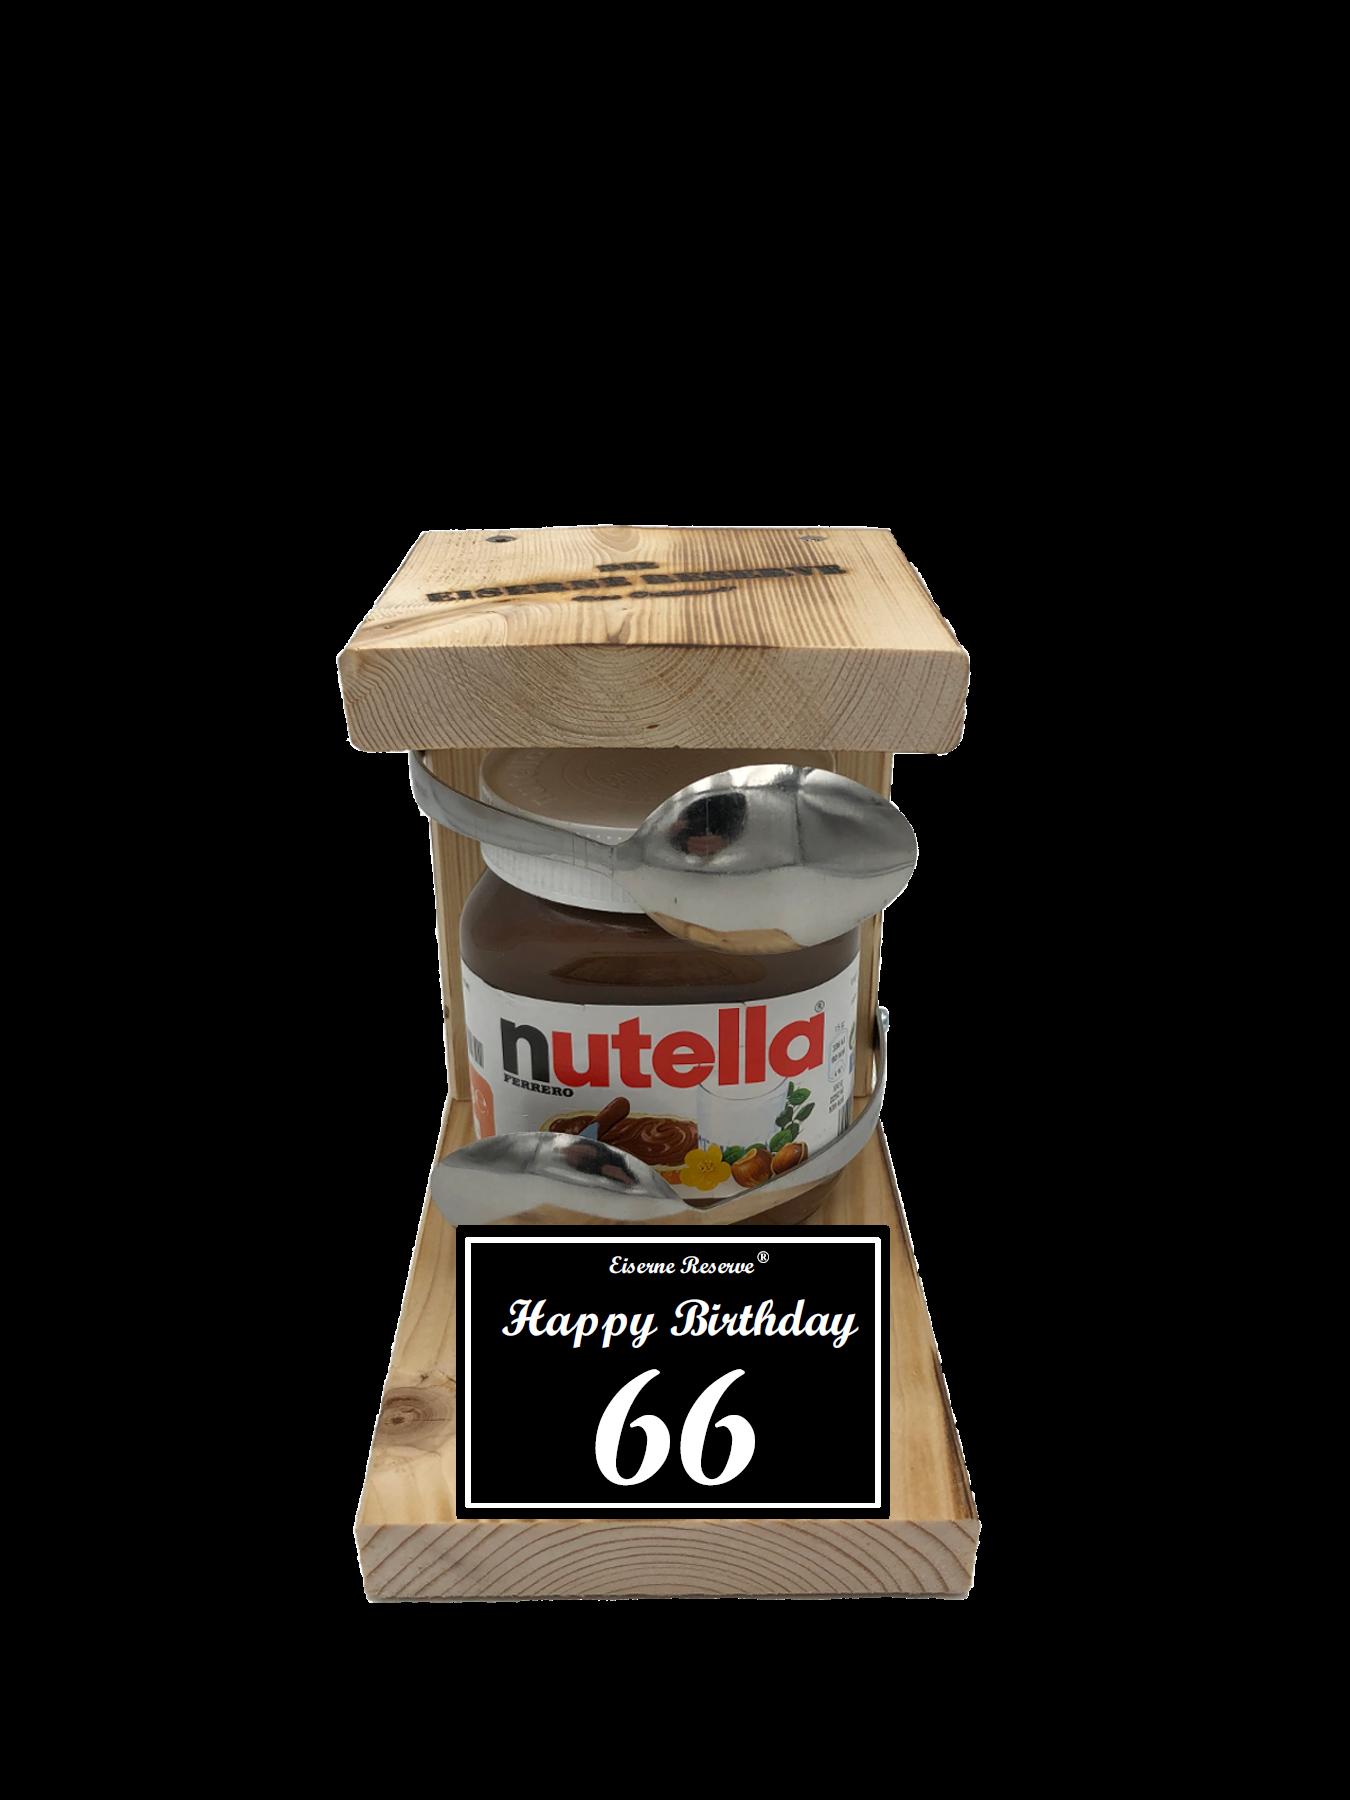 66 Happy Birthday Löffel Nutella Geschenk - Die Nutella Geschenkidee